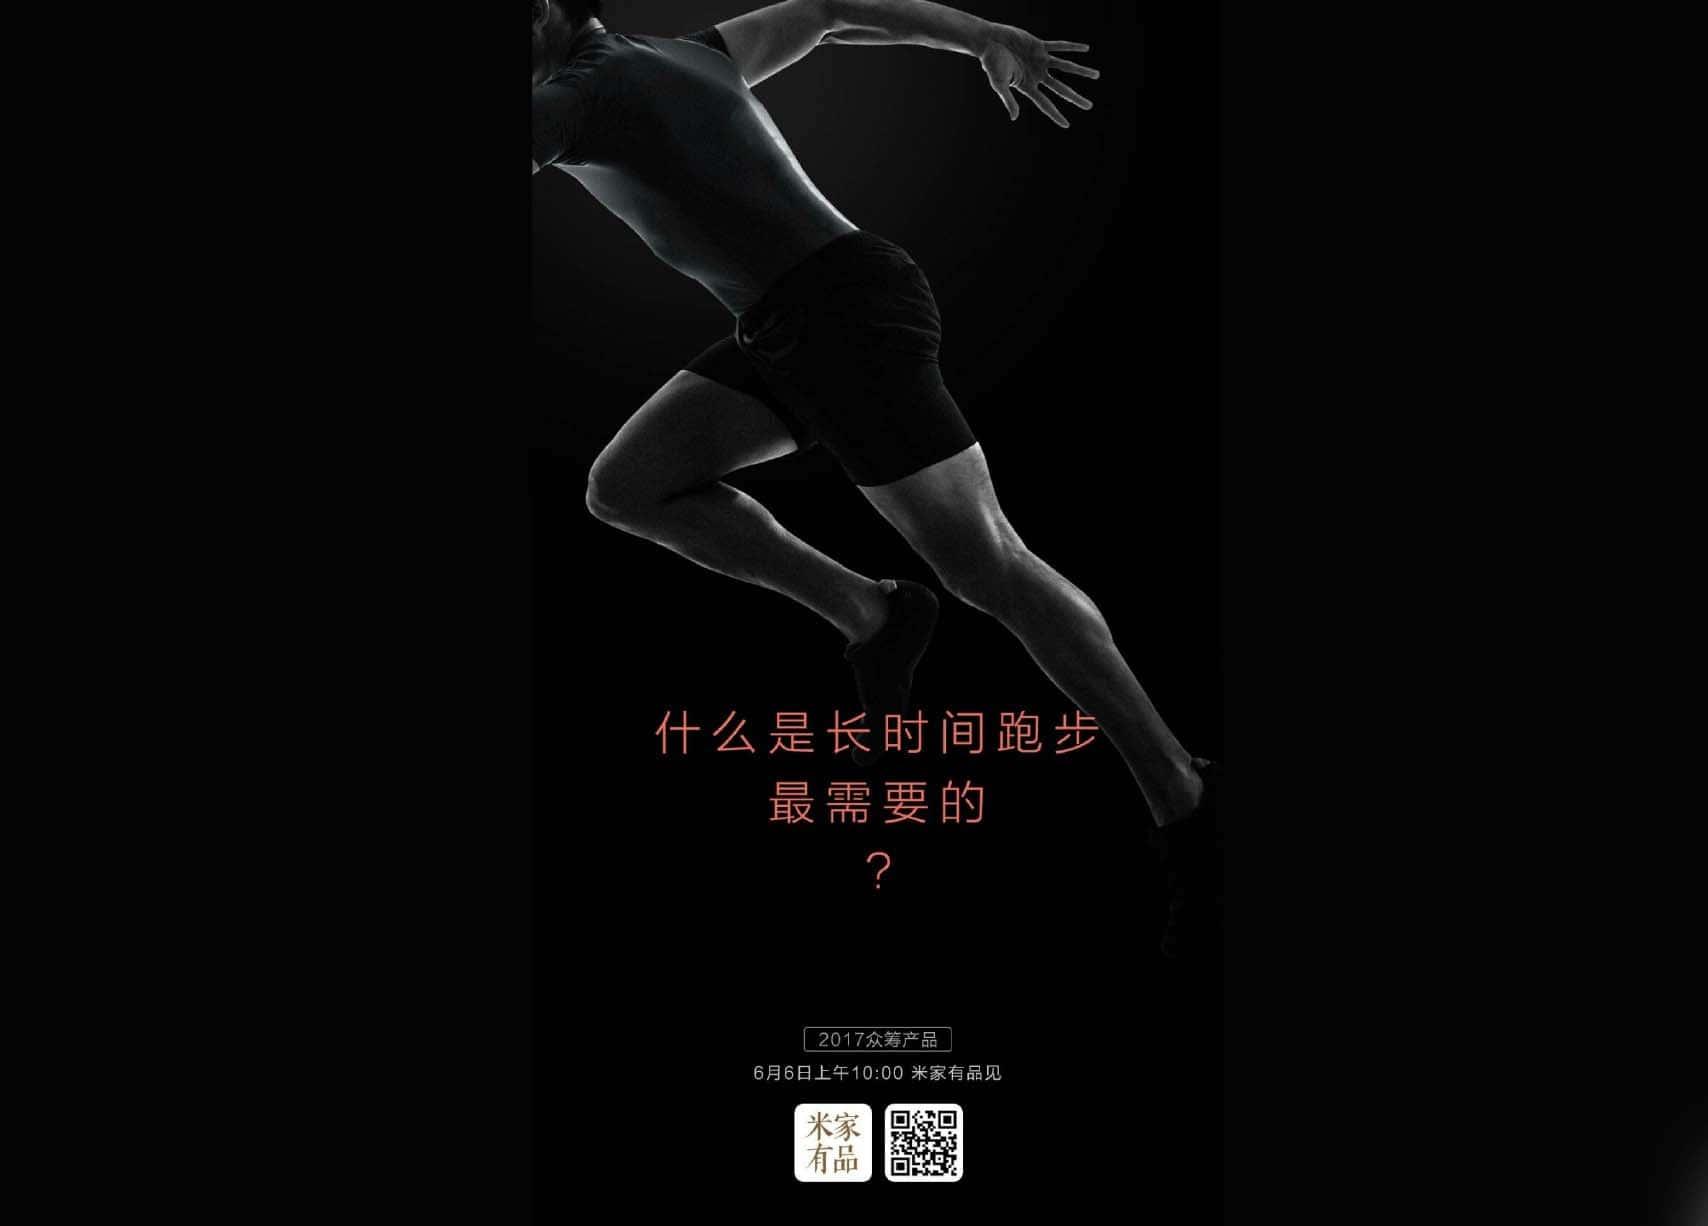 Humi Xiaomi June 5 17 Teaser